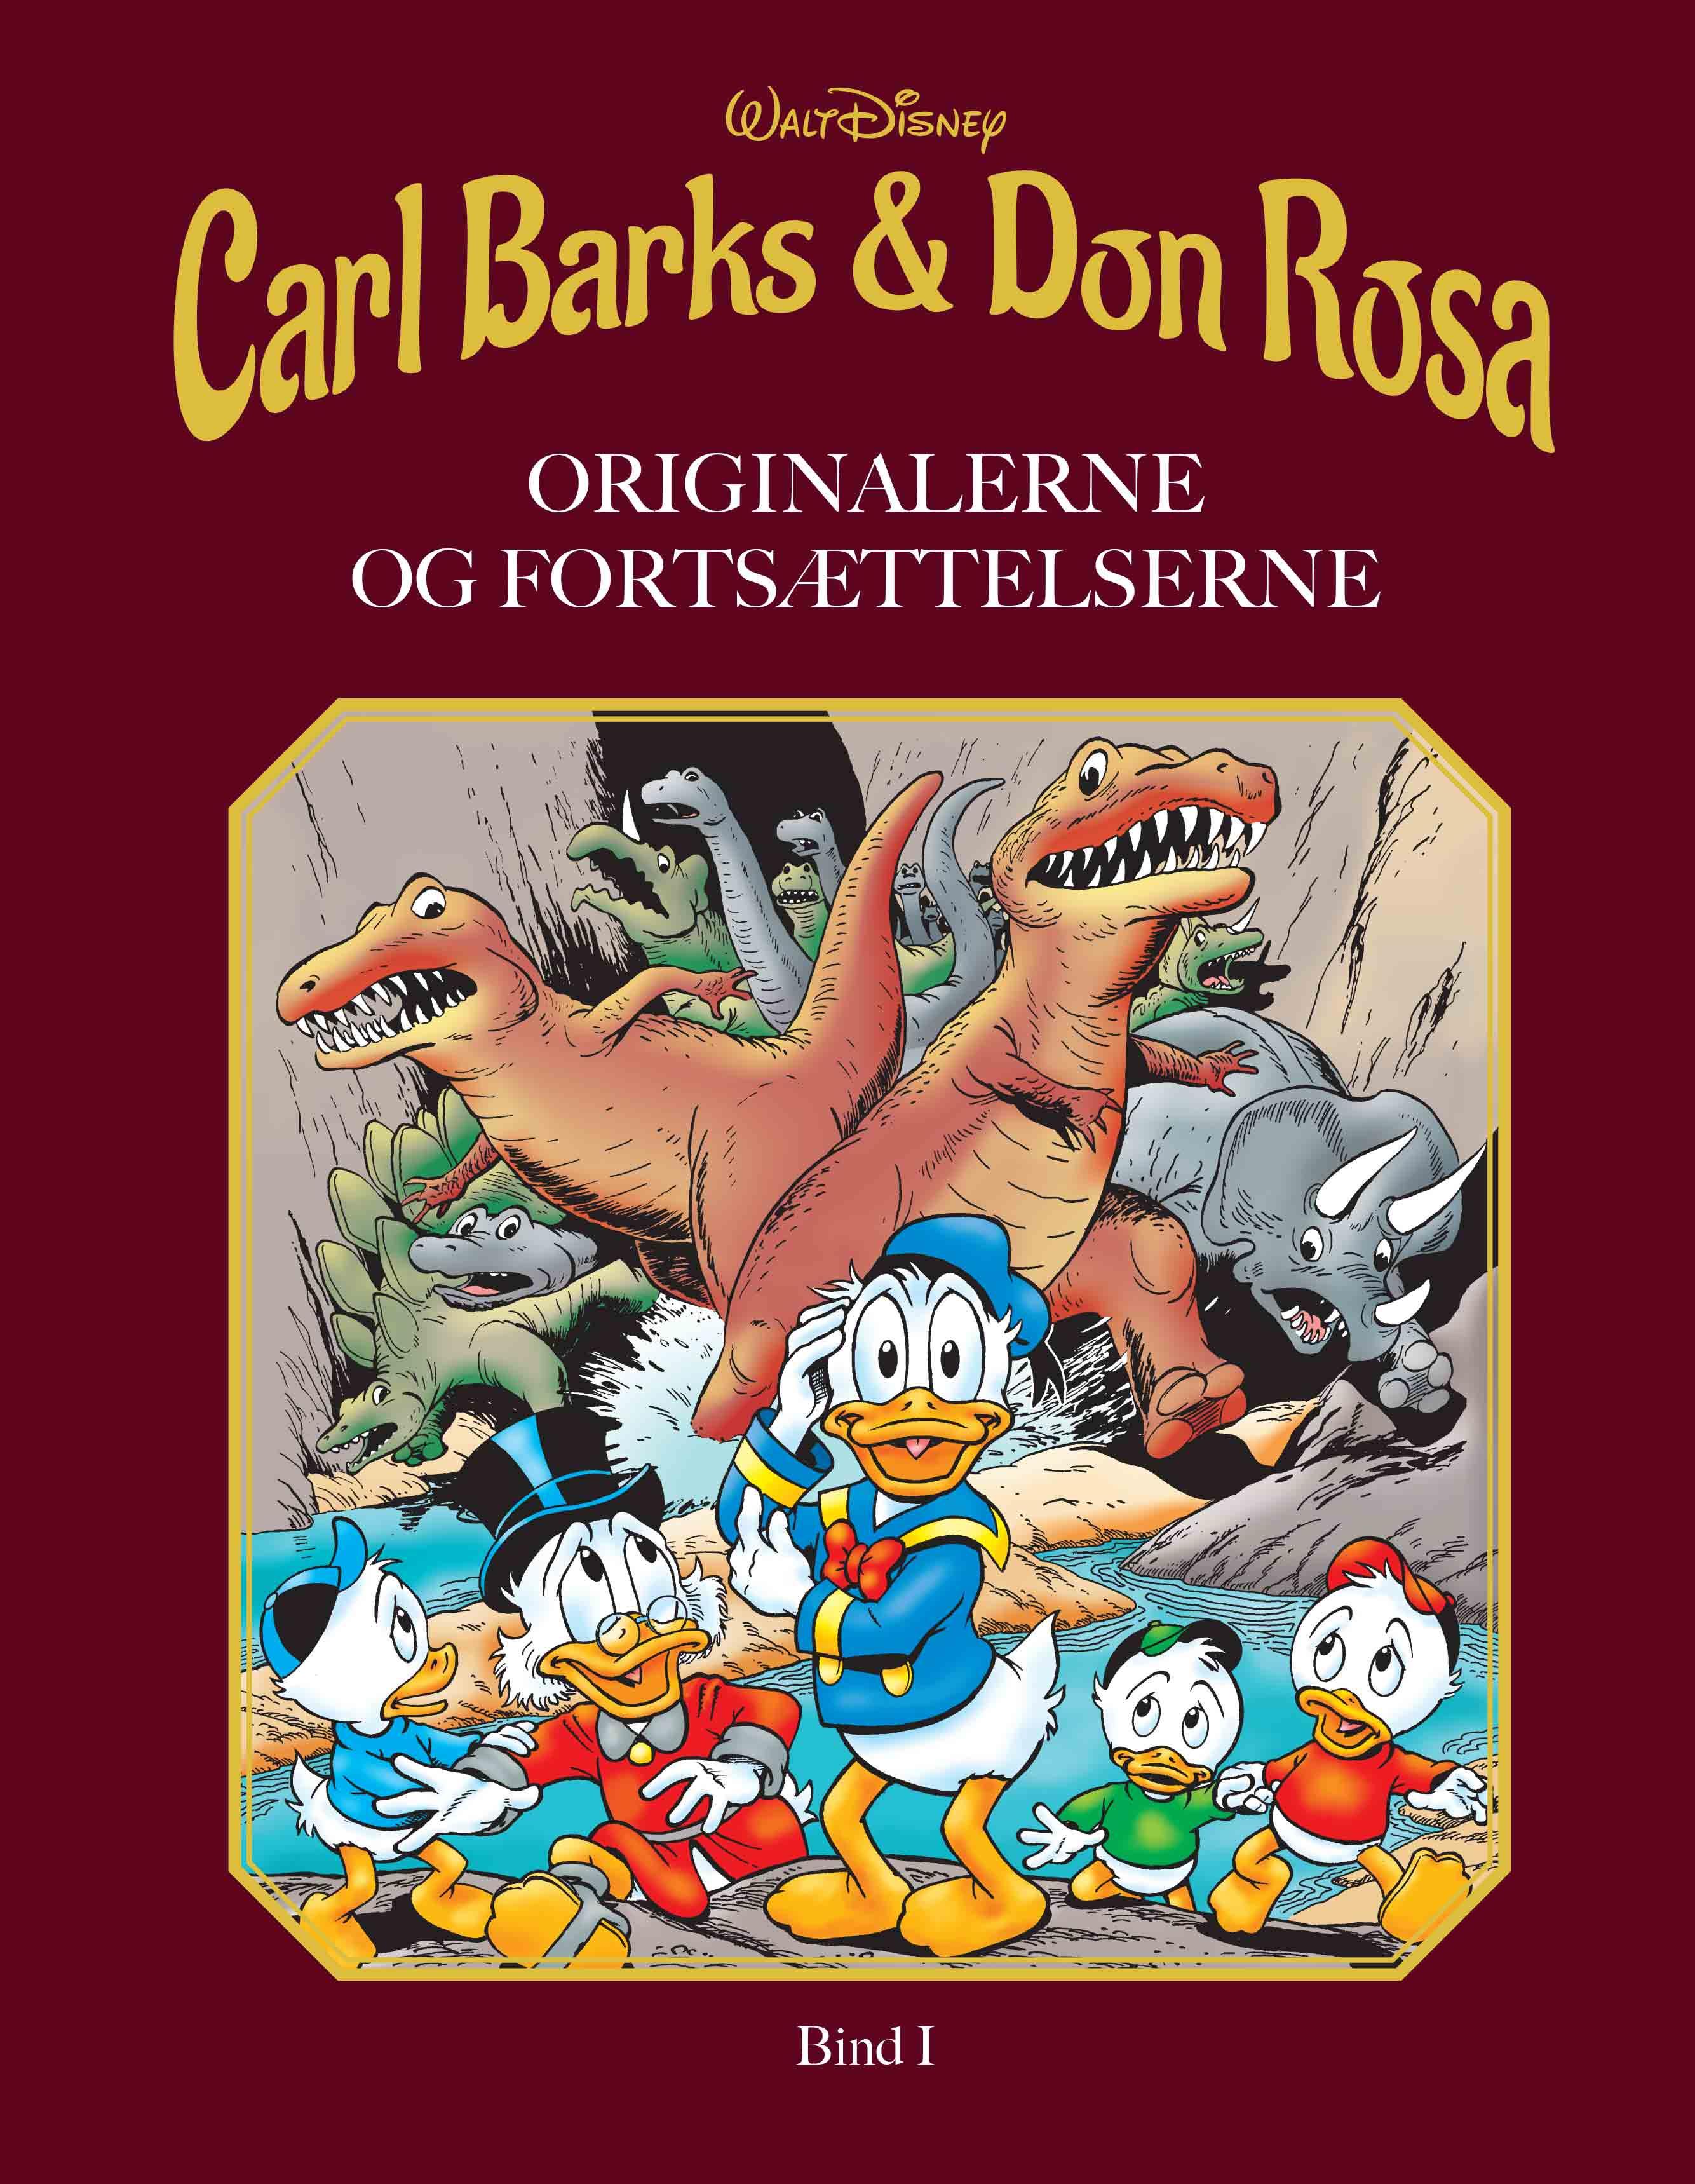 Carl Barks & Don Rosa Bind I - Walt Disney - Bøger - Egmont Publishing A/S - 9788793840195 - March 30, 2020